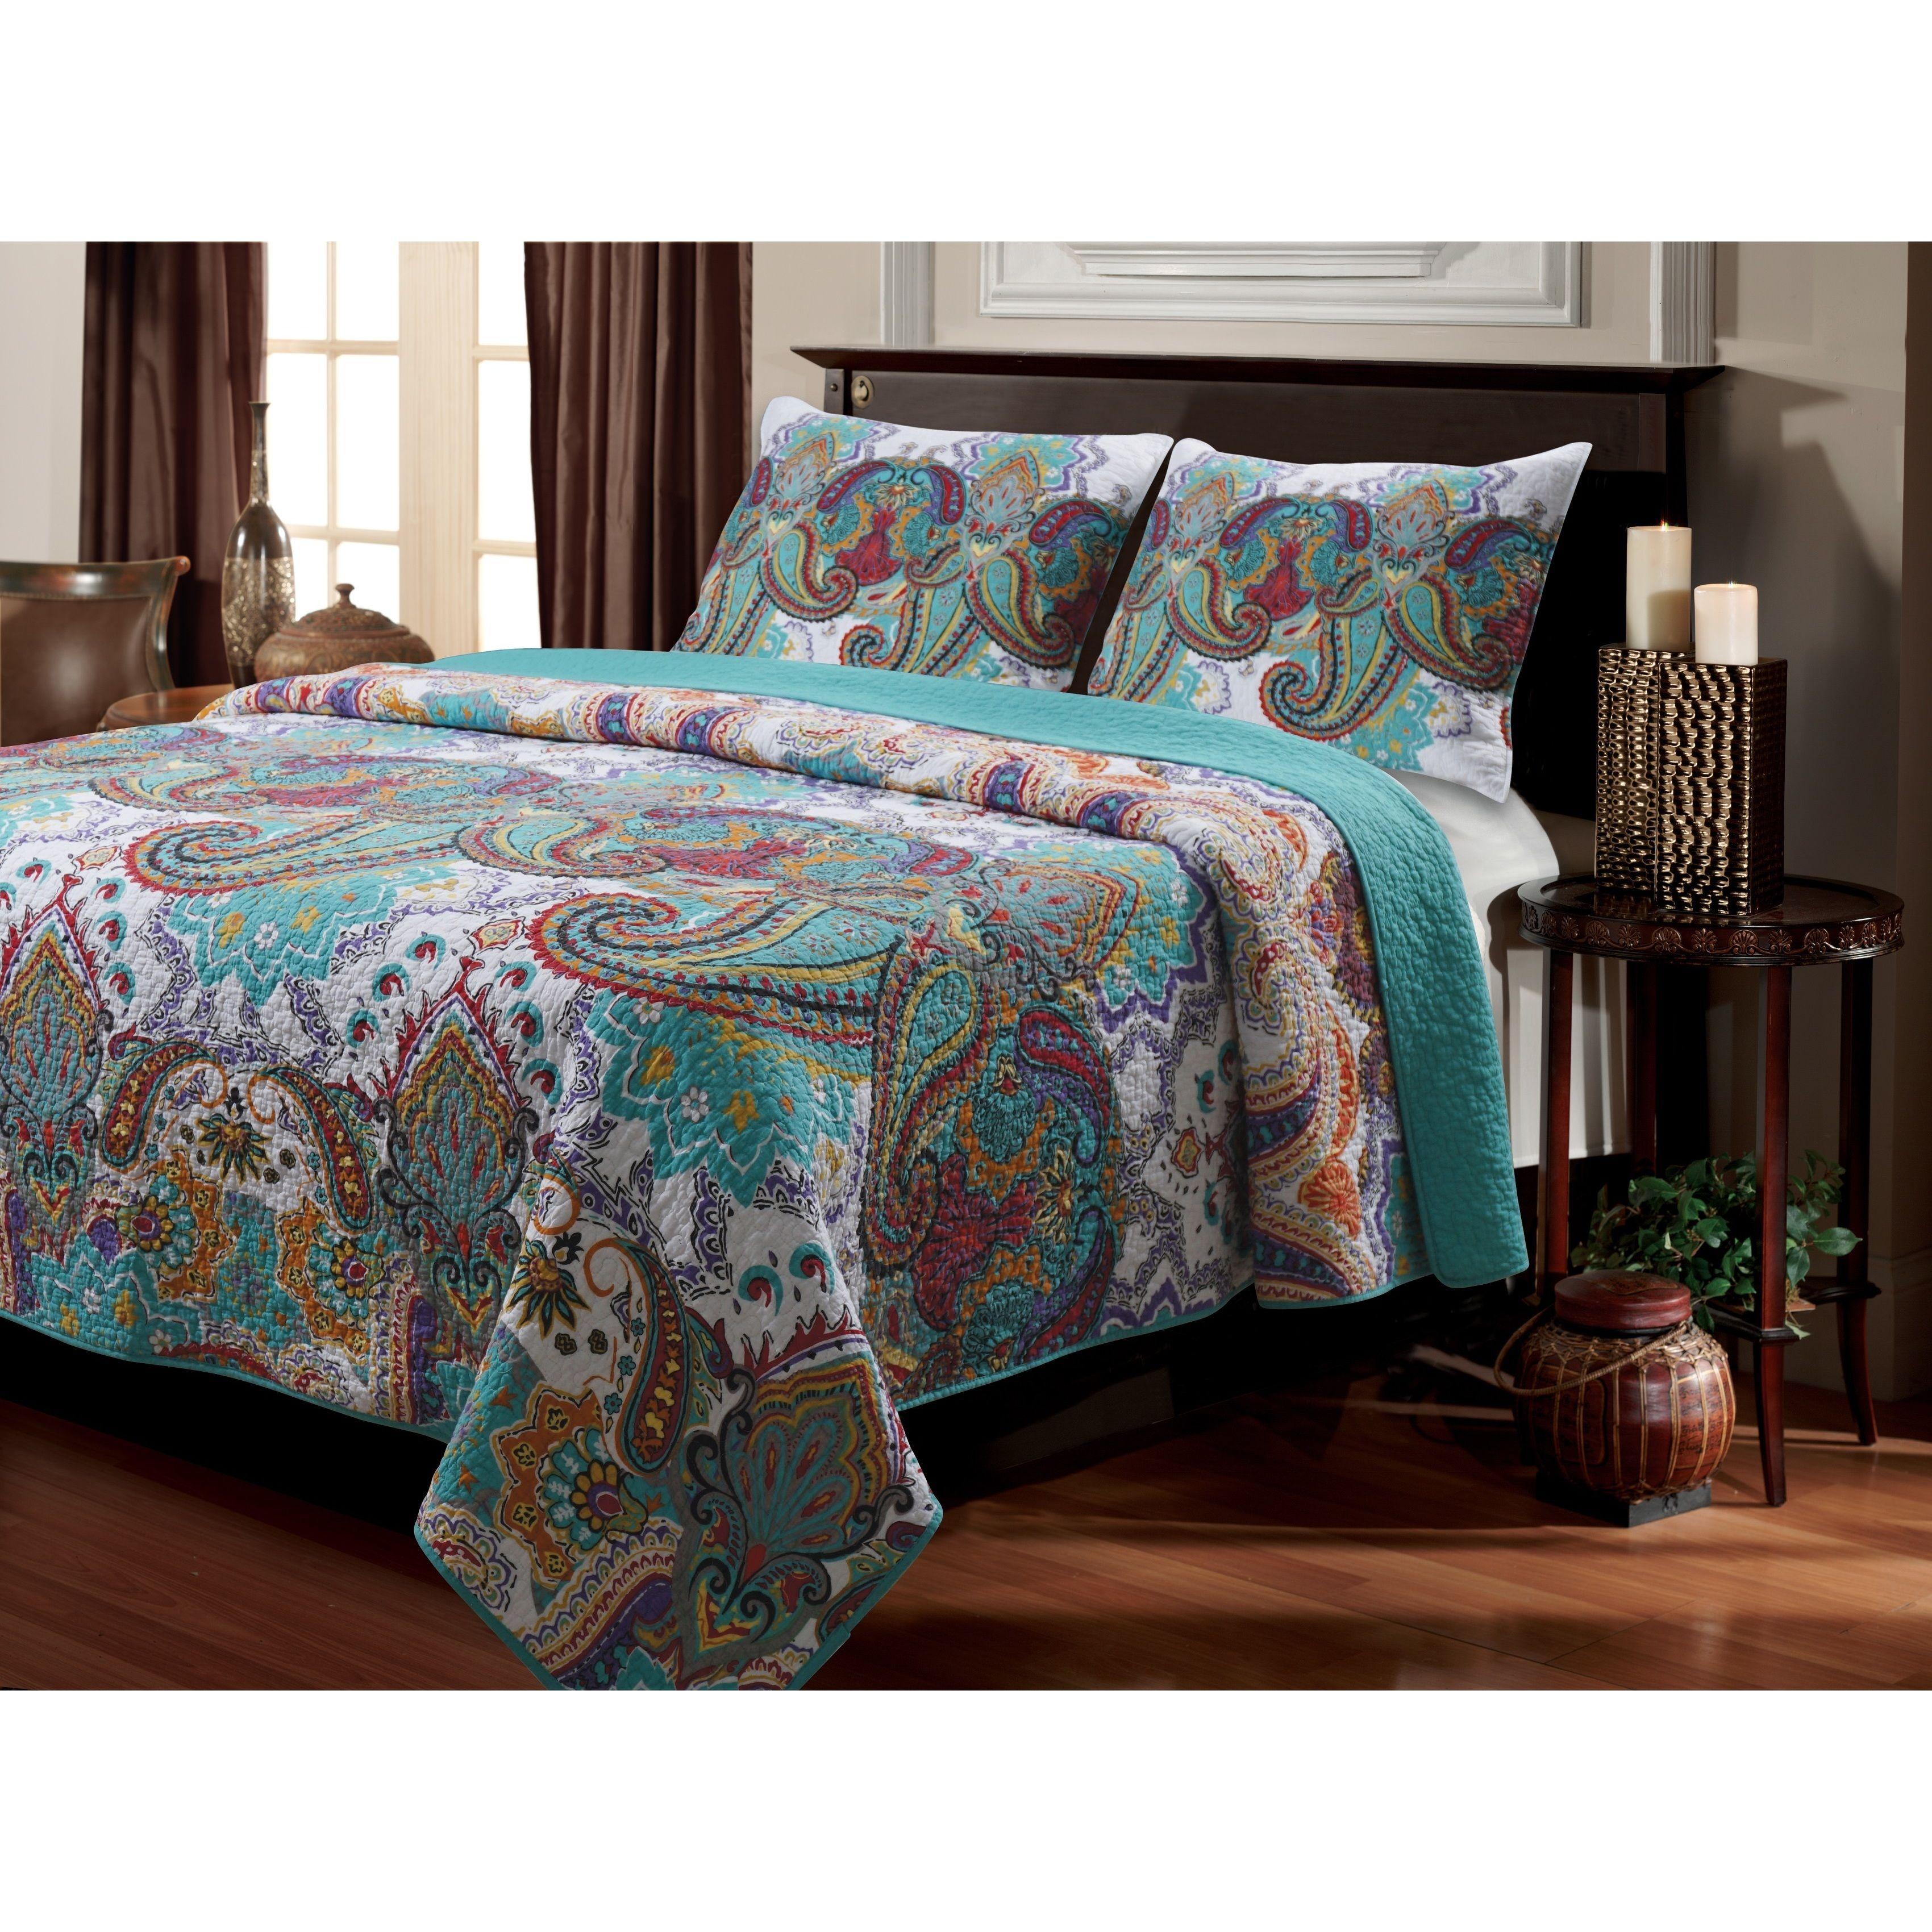 quilts paisley amazing comforter ecrins quilt lodge wonderful sets